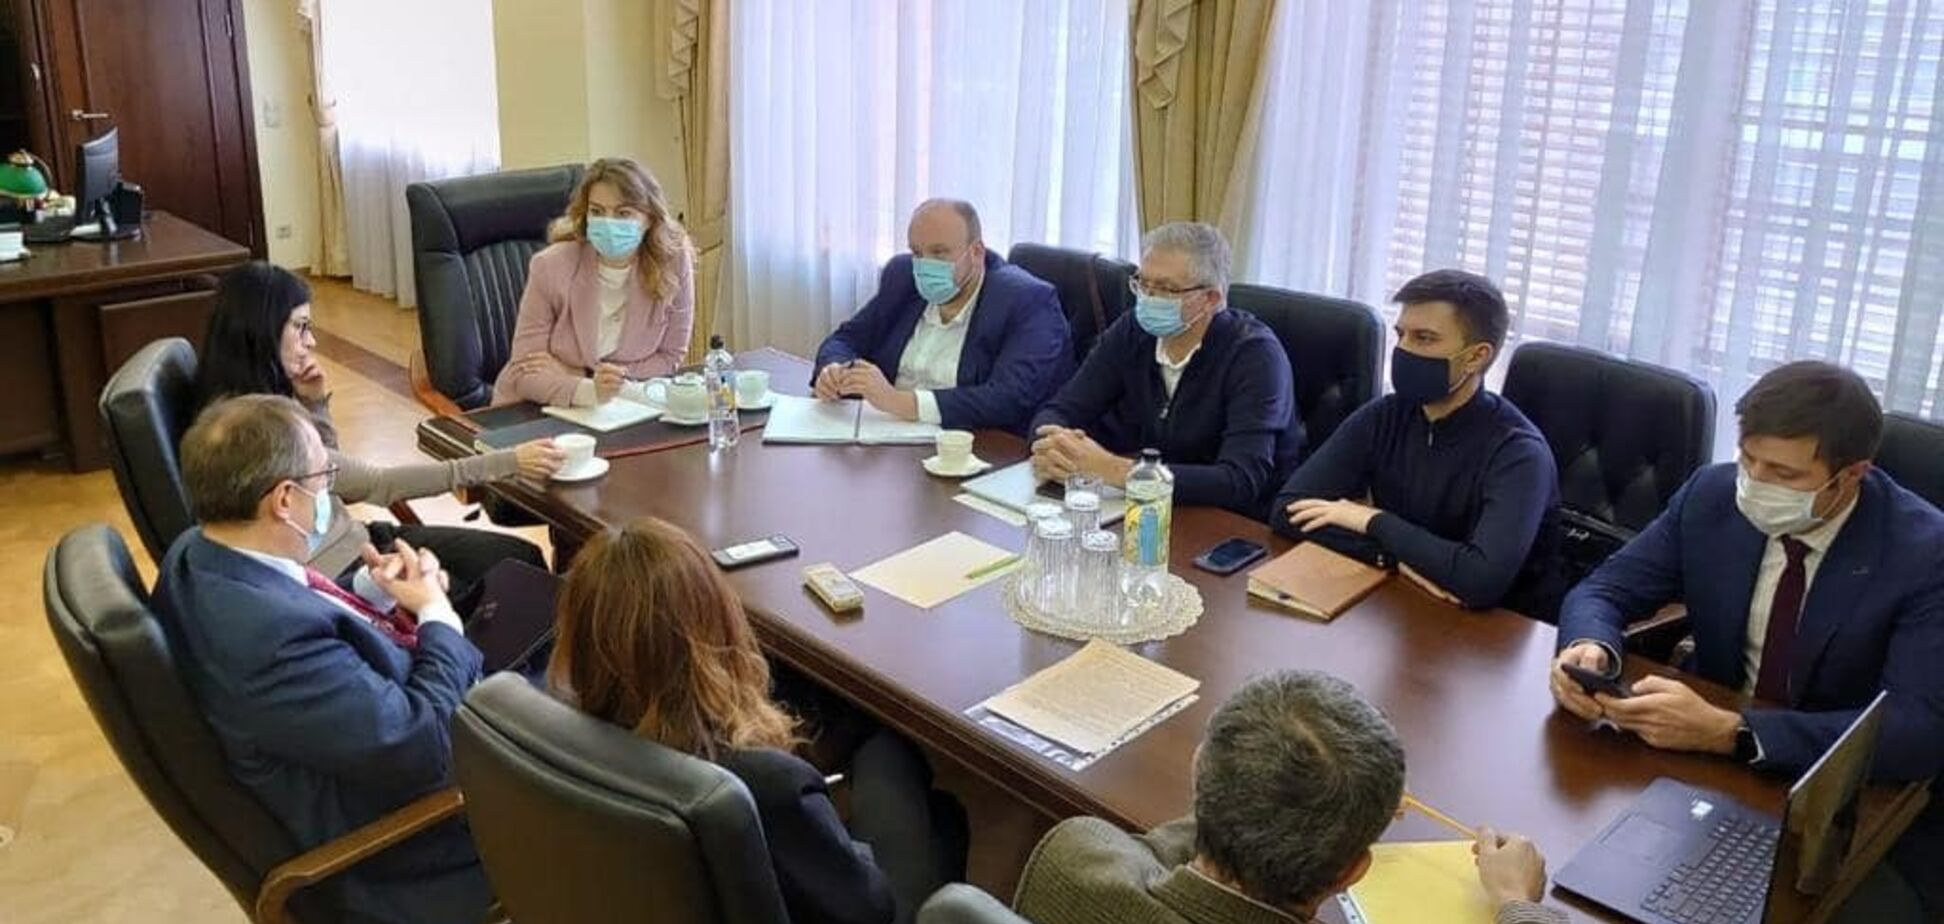 В Украине усилят контроль над выявлением фальсификата: проведено совещание